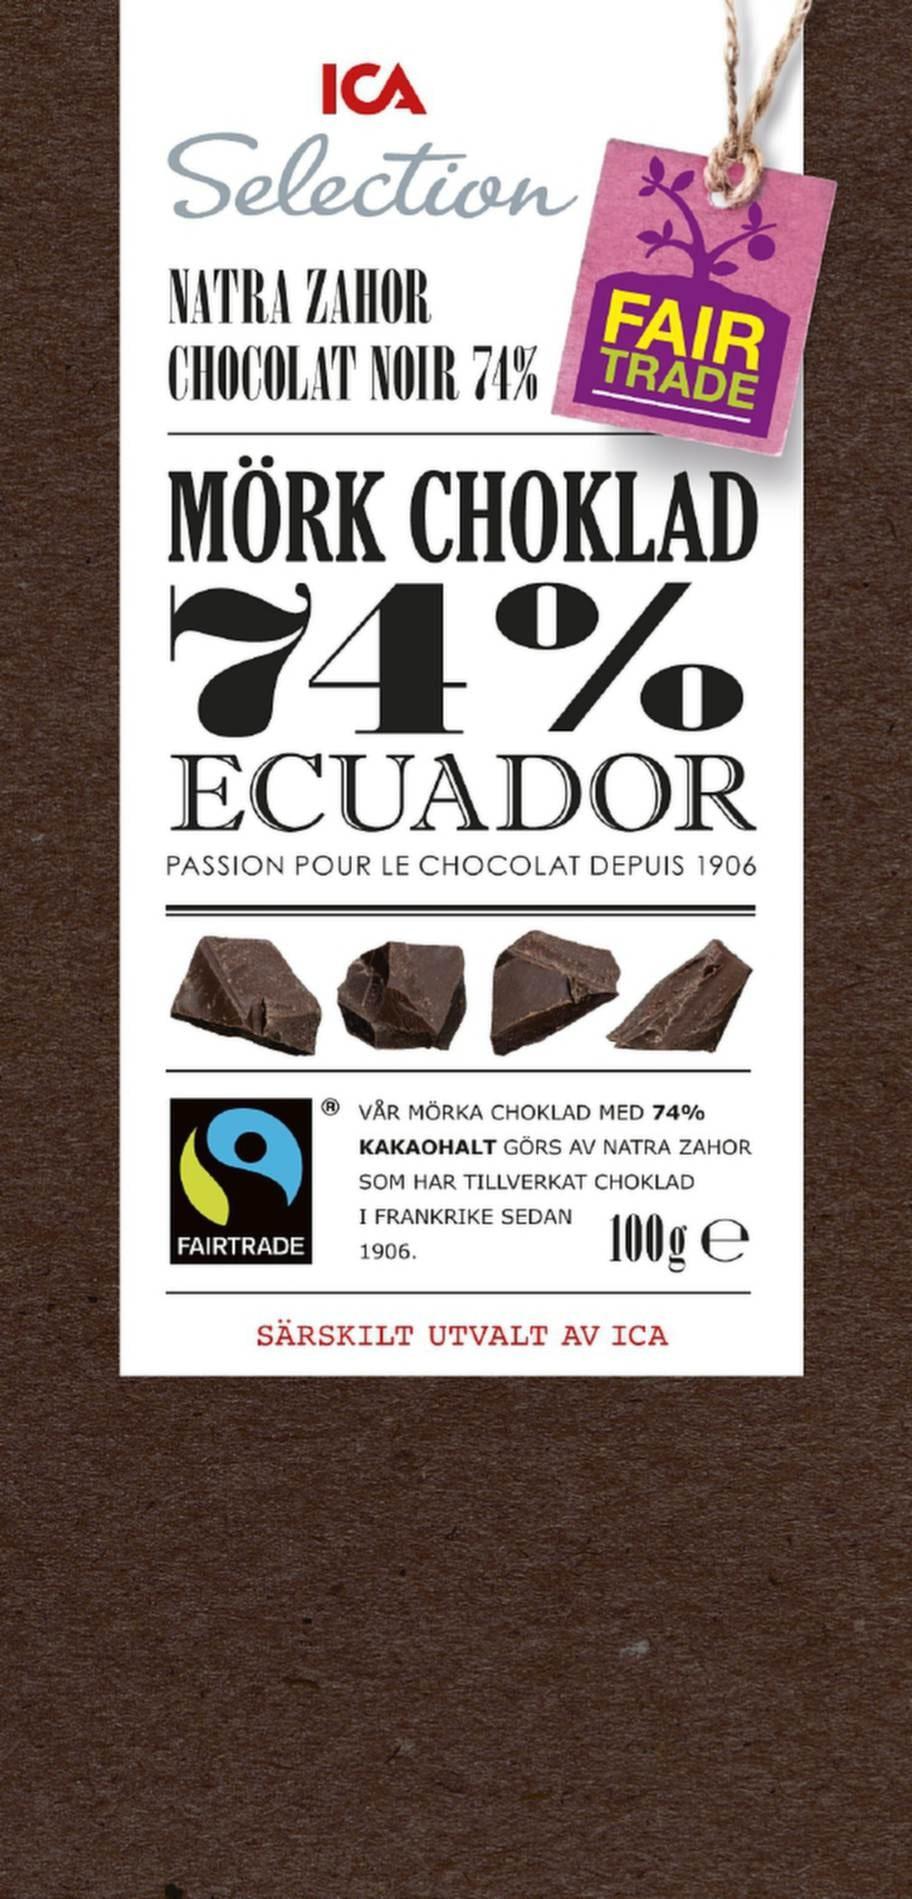 """ICA Selection mörk choklad 74 % Ecuador<br><exp:icon type=""""wasp""""></exp:icon><exp:icon type=""""wasp""""></exp:icon><exp:icon type=""""wasp""""></exp:icon><br>Pris: Cirka 20 kronor, 100 g.<br>En ganska söt och blommig choklad som känns lite bitig i konsistensen. Hög kakaohalt men smakar ändå inte så mycket choklad som andra sorter. Har något av en otrevlig bismak och innehåller en del tillsatser.<br>Fredrik Paulún säger: En bra mörk choklad med högt antioxidantinnehåll tack vare 74 procent kakao och dessutom fairtrade vilket gör att du kan äta den med bättre samvete. I stort sett all choklad innehåller sötningsmedel i någon form. Visst är vitt socker dåligt, men i den lilla mängd som ingår och i choklad blir ändå GI-värdet lågt.<br>Betyg: 3.<br><br>Ingredienser: Kakaomassa, socker, kakaosmör, emulgeringsmedel (sojalecitin), arom. Kakaohalt minst 74 procent.<br>Näringsvärde per 100 g:<br>Energi: 580 kcal<br>Protein: 10 g<br>Kolhydrat: 30 g<br>varav sockerarter: 26 g<br>Fett: 44 g<br>varav mättat fett: 27 g<br>Fiber: 11 g<br>Natrium: &lt;0,5 g"""